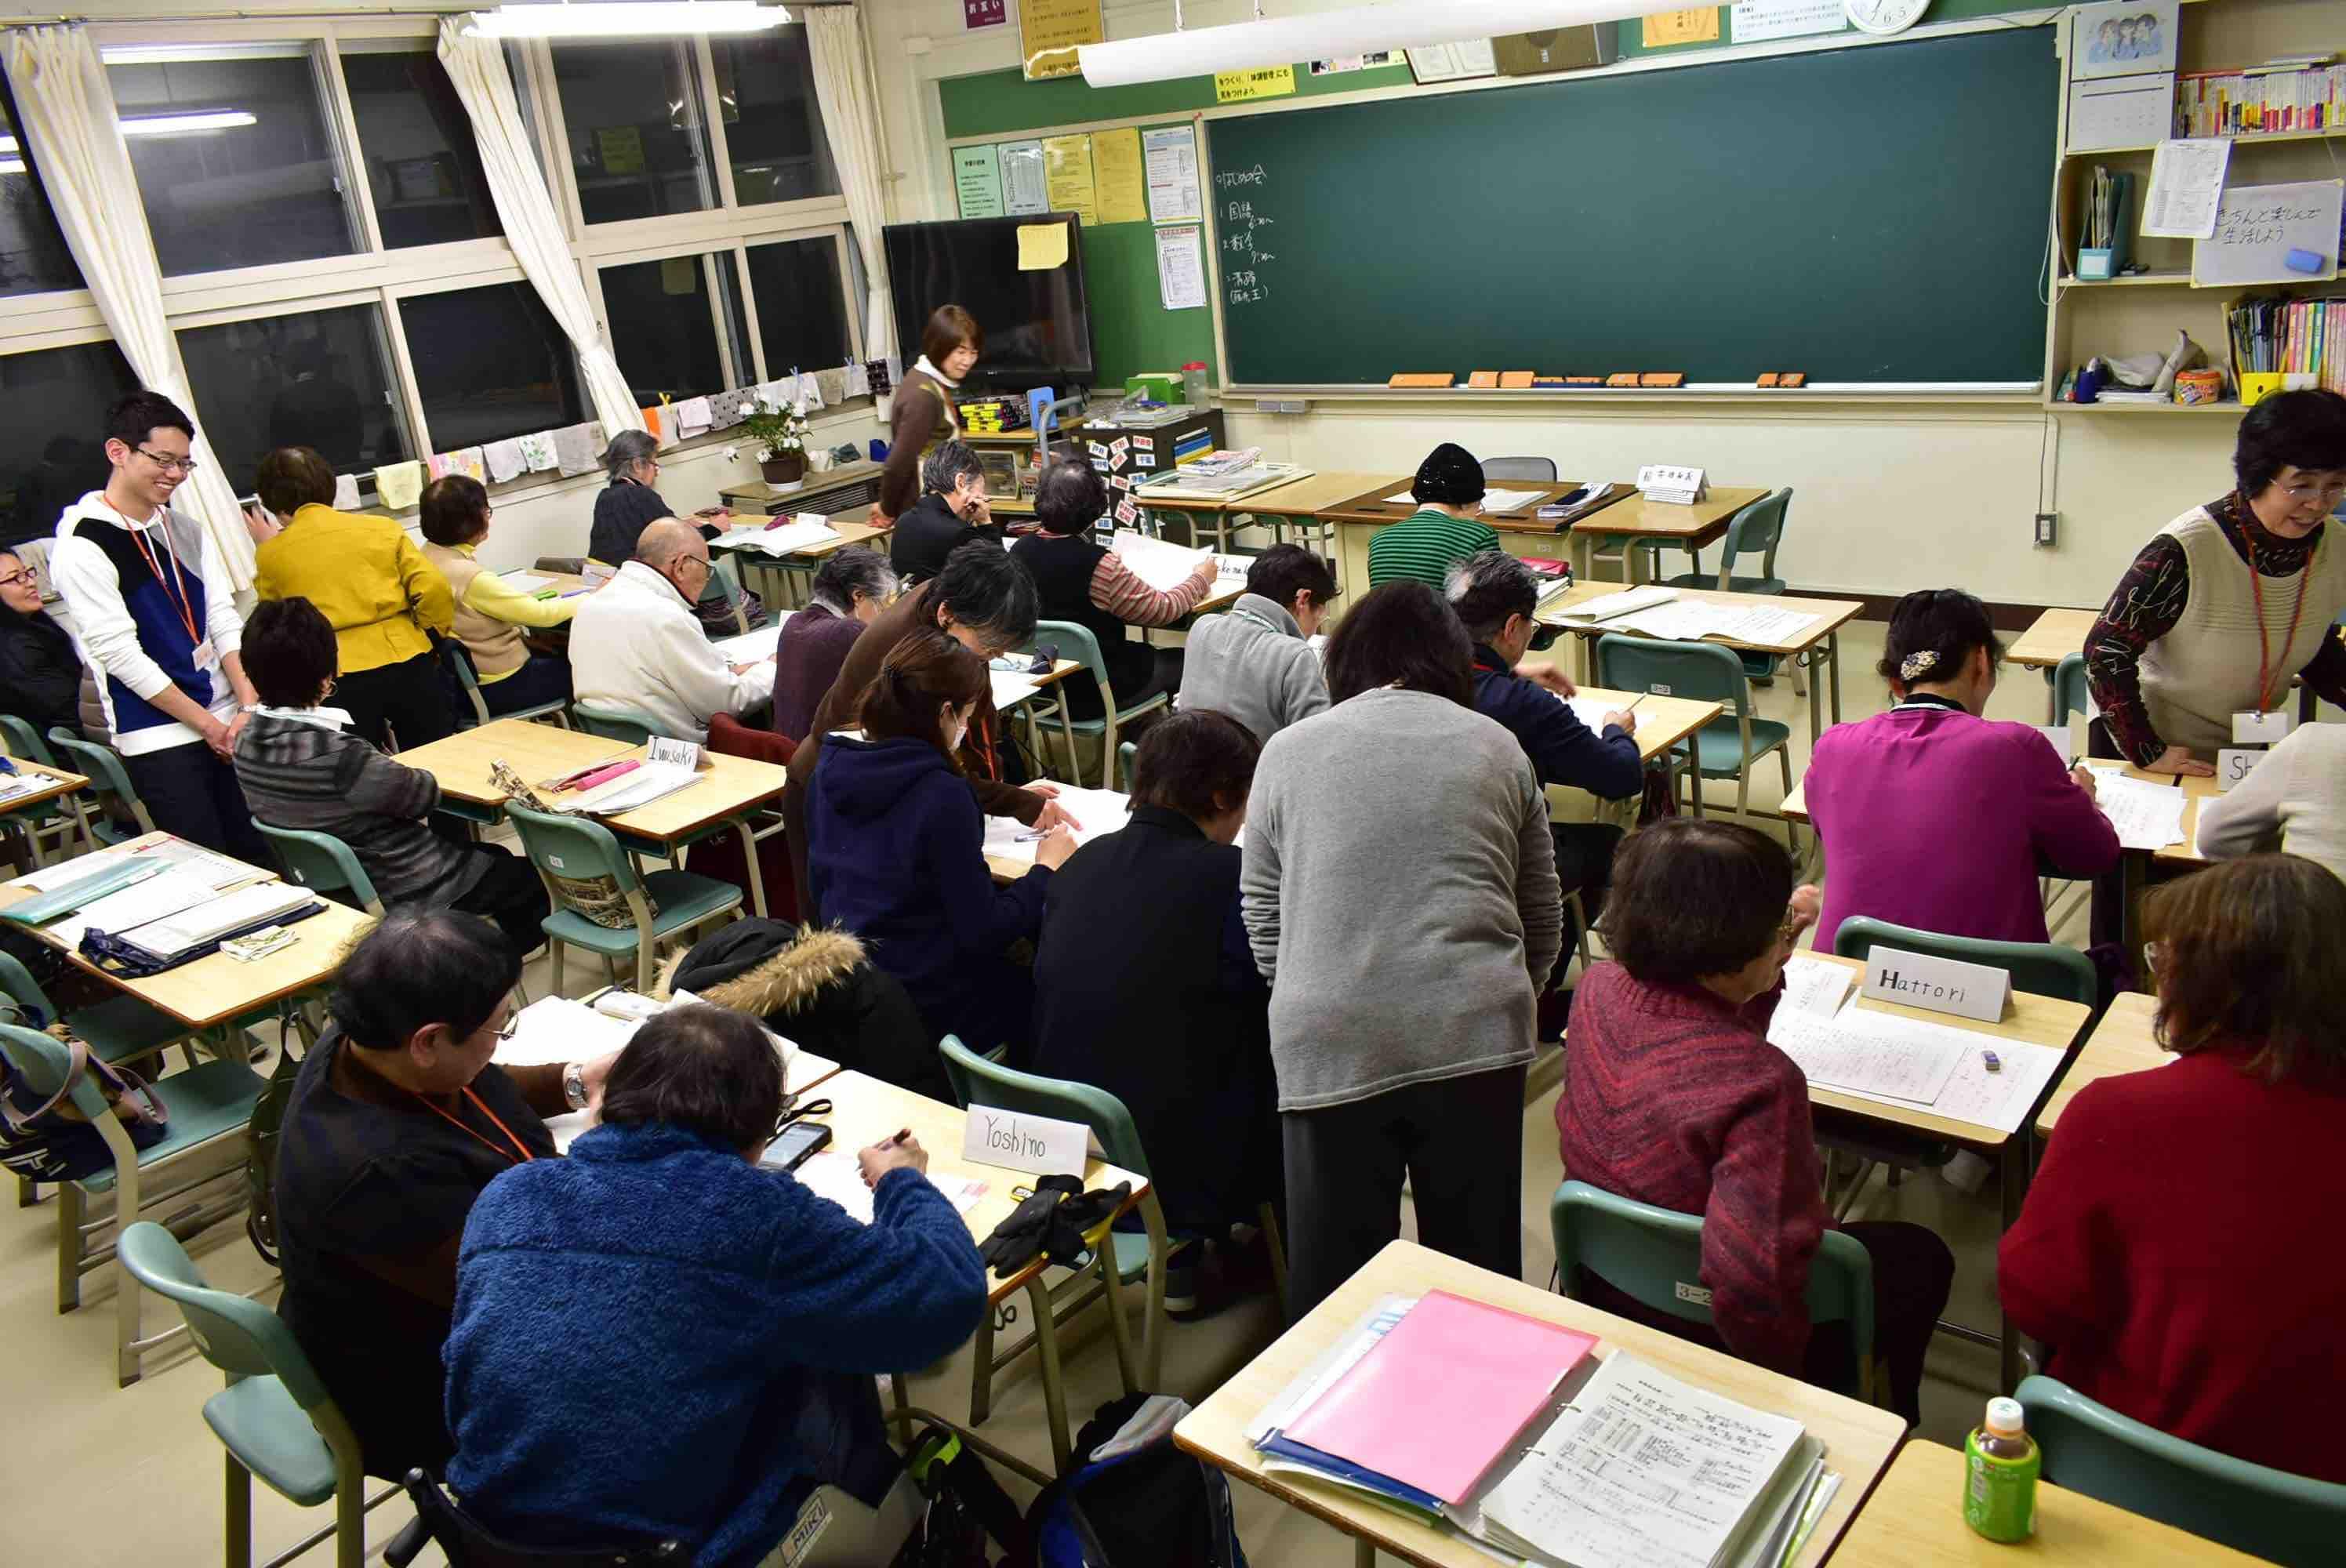 夜間中学ってどんな場所? 「どうしても学びたい!」をかなえる札幌遠友塾自主夜間中学を訪ねました